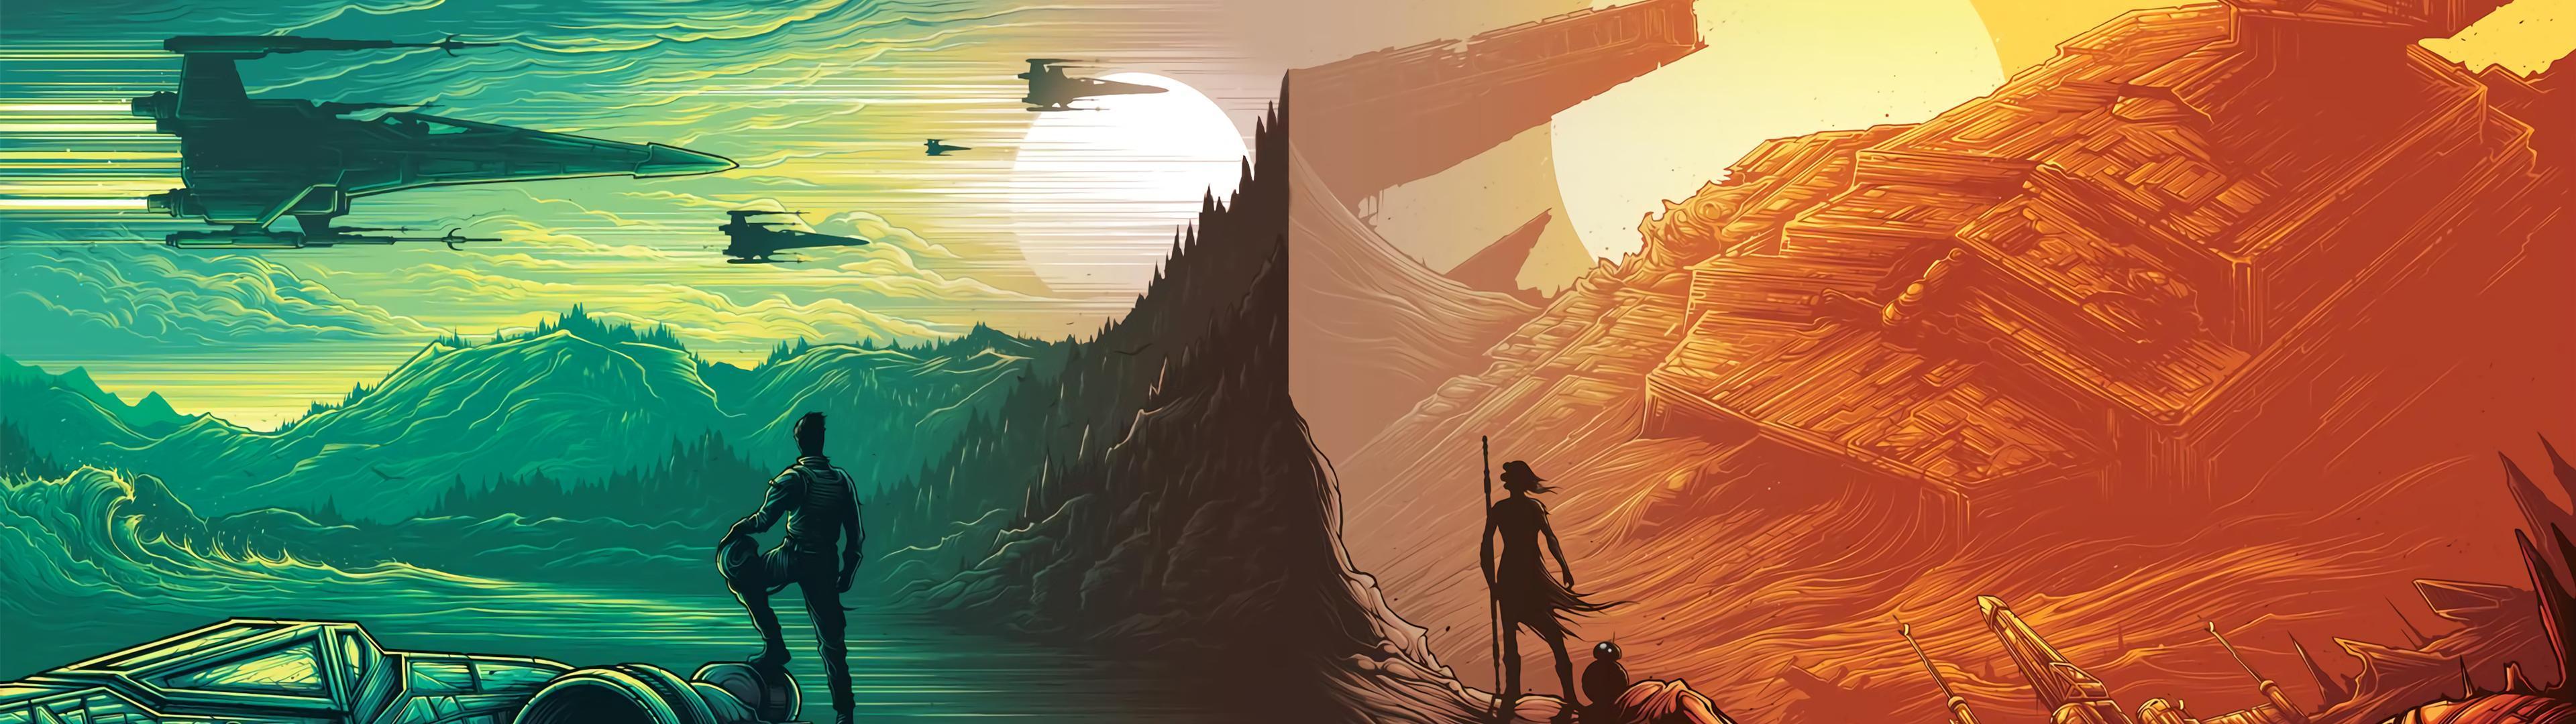 3840x1080 Star Wars Wallpapers Top Free 3840x1080 Star Wars